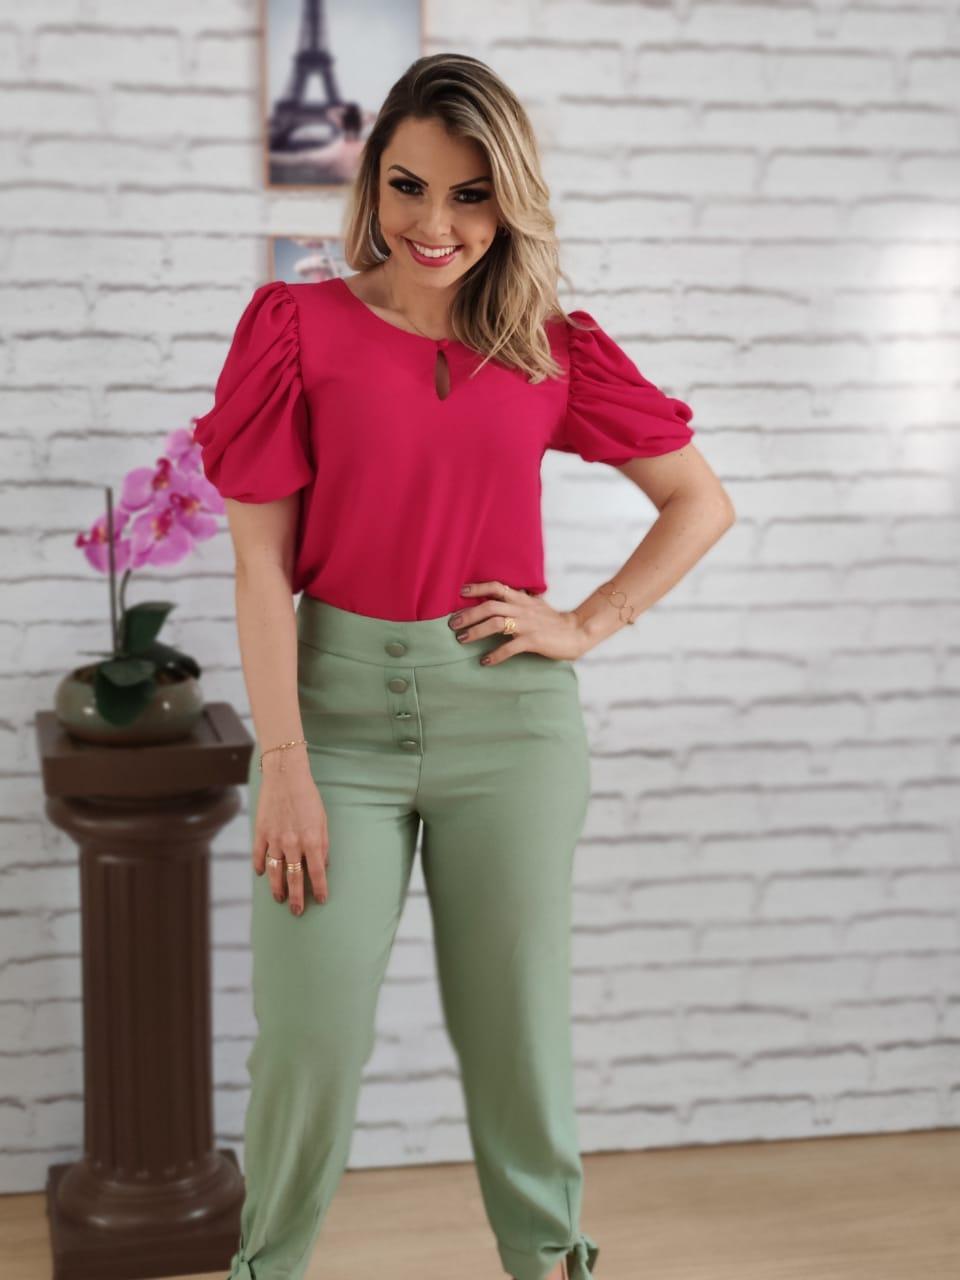 Blusa Manga Curta Princesa Botão Frontal Pink + Calça Skinny Botões Laço Barra Verde